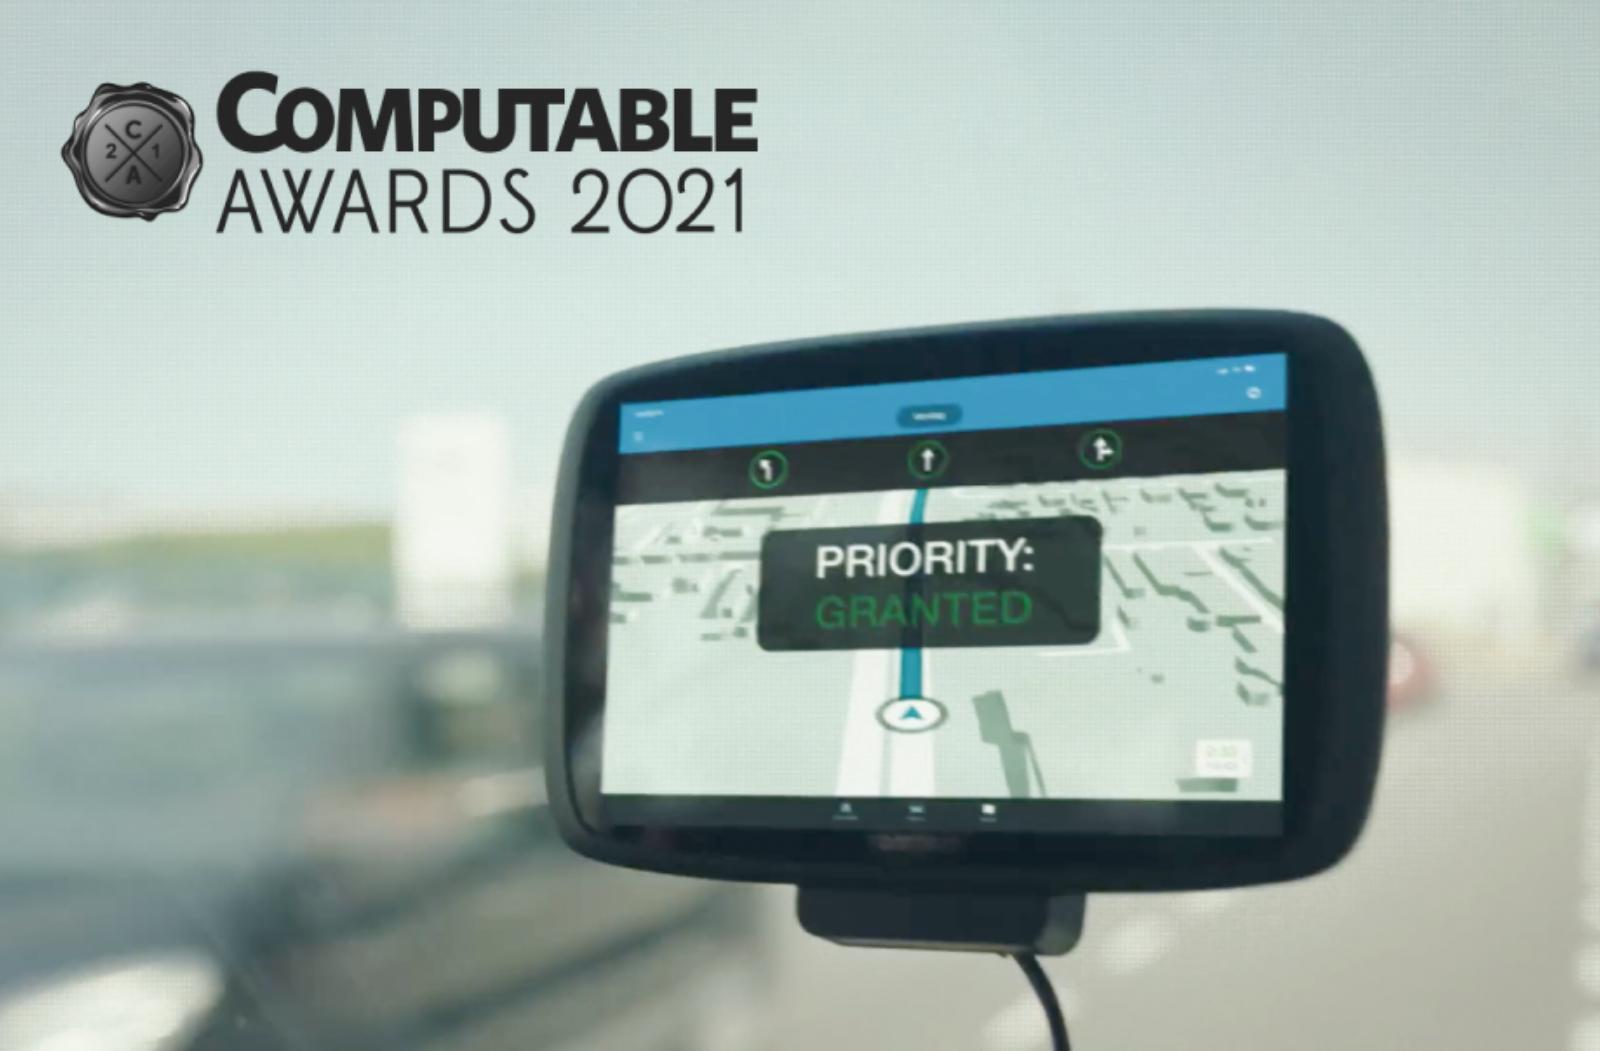 BM nominated computable 2021